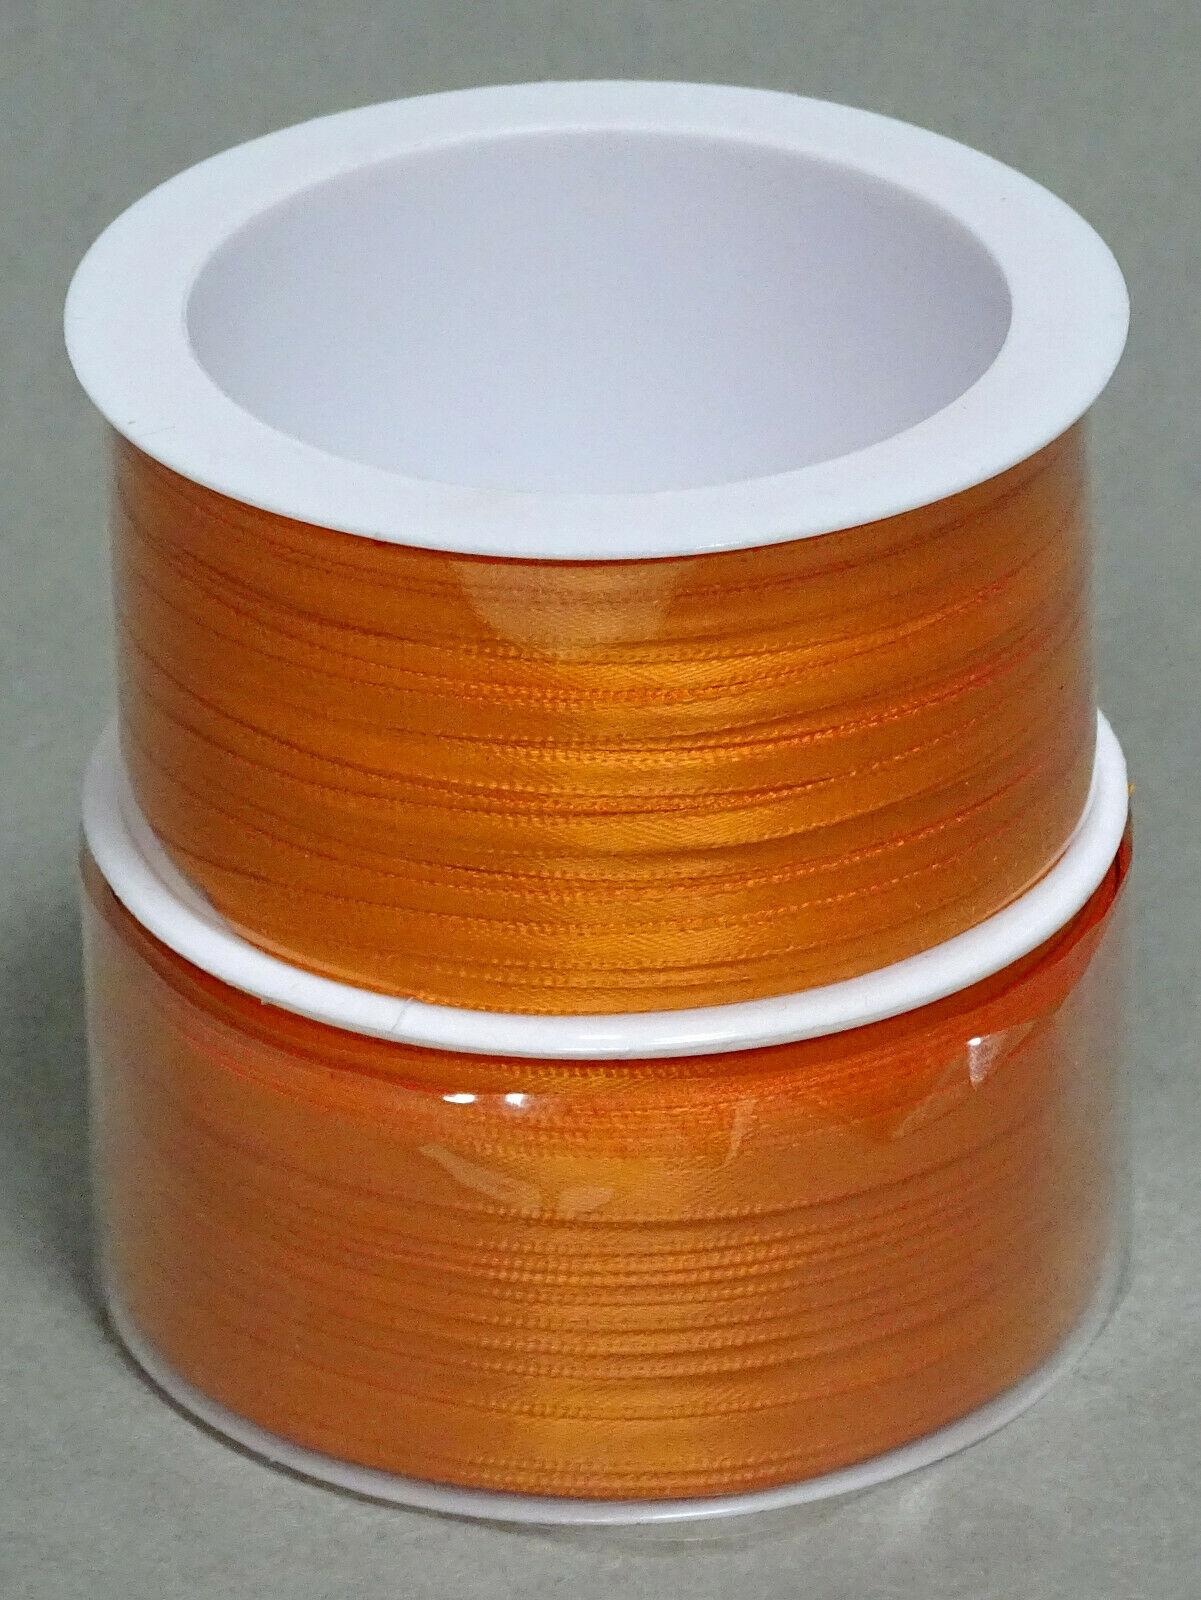 Satinband Schleifenband 50m x 3mm / 6mm Dekoband ab 0,05 €/m Geschenkband Rolle - Orange 236, 6 mm x 50 m